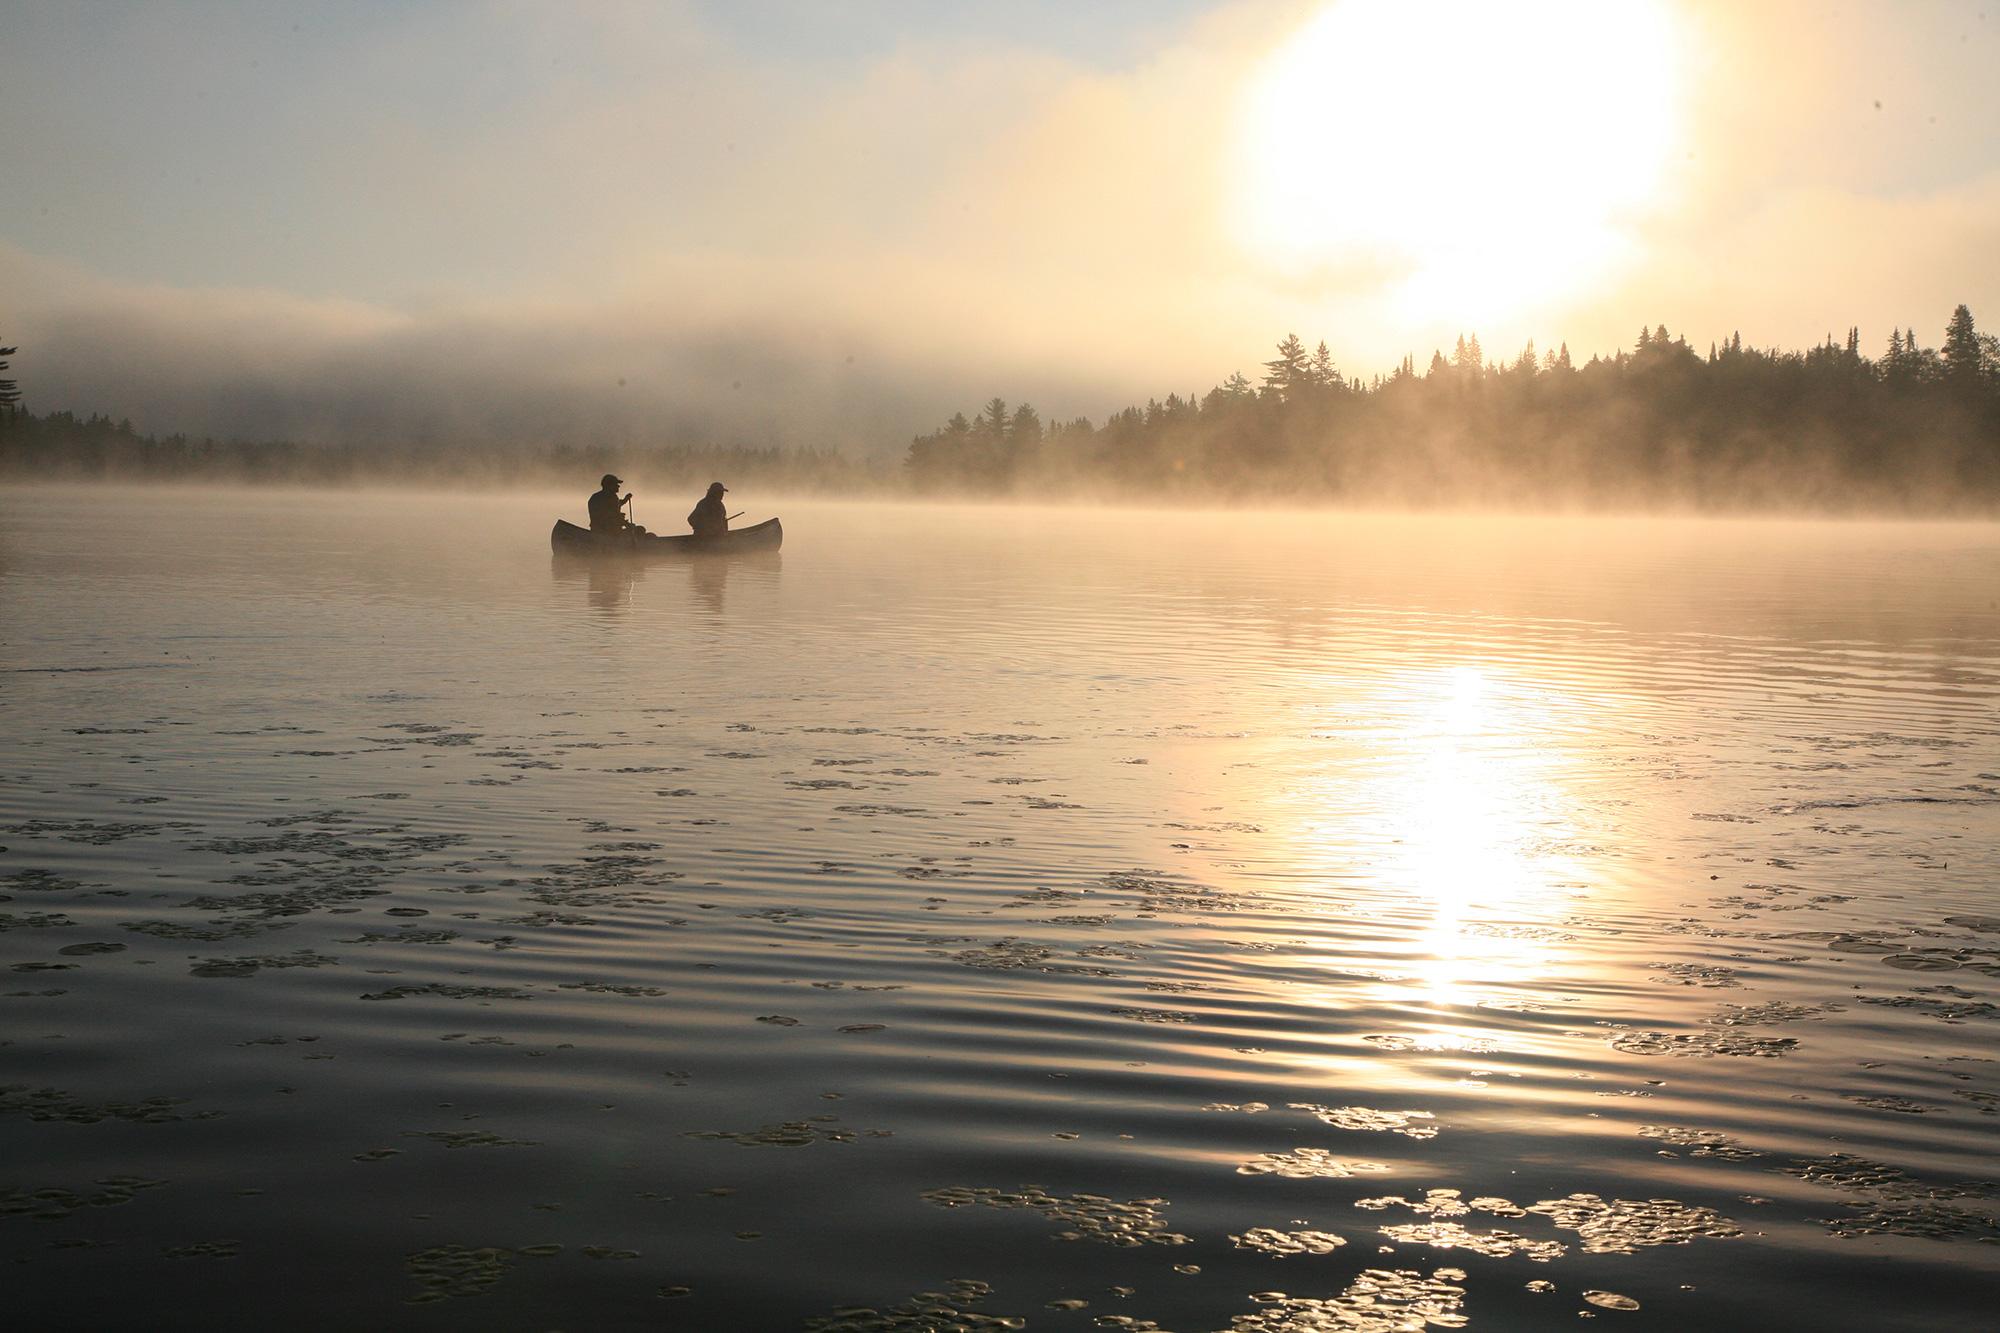 Les parcs nationaux du Canada à voir absolument